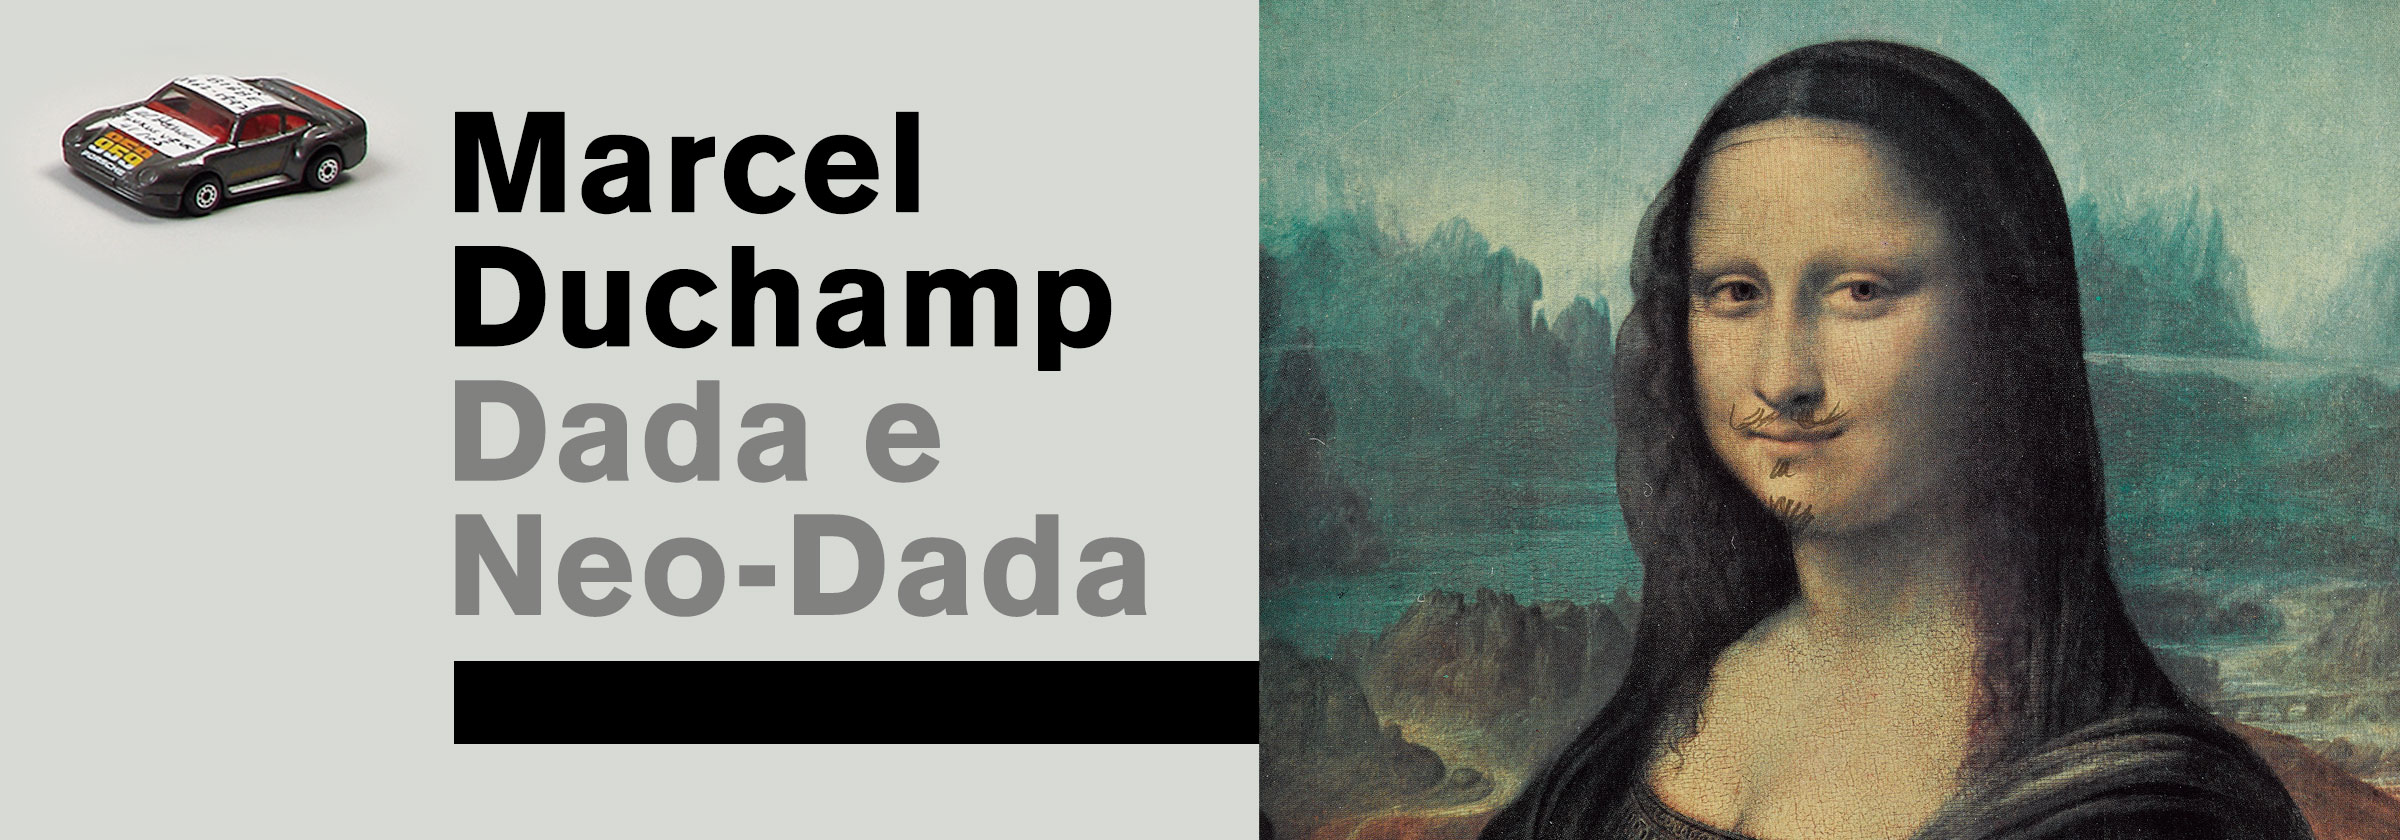 Banner_duchamp